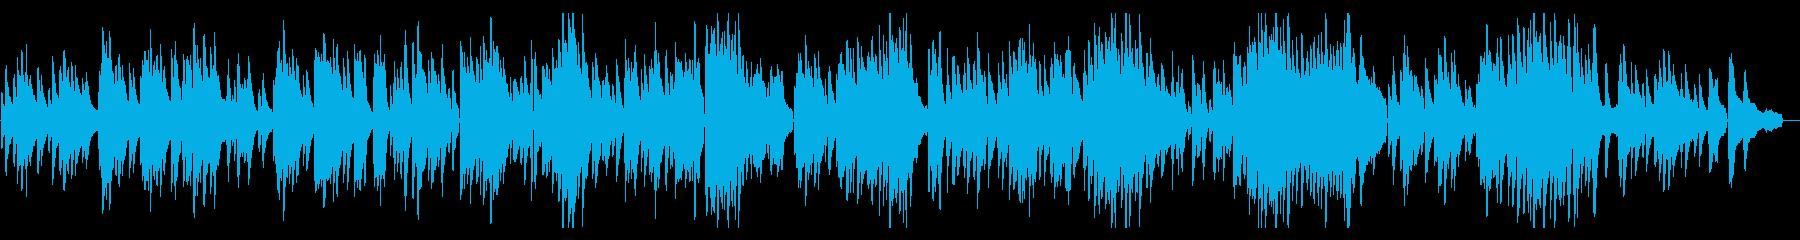 ゆったりとした3拍子ピアノソロ【生演奏】の再生済みの波形